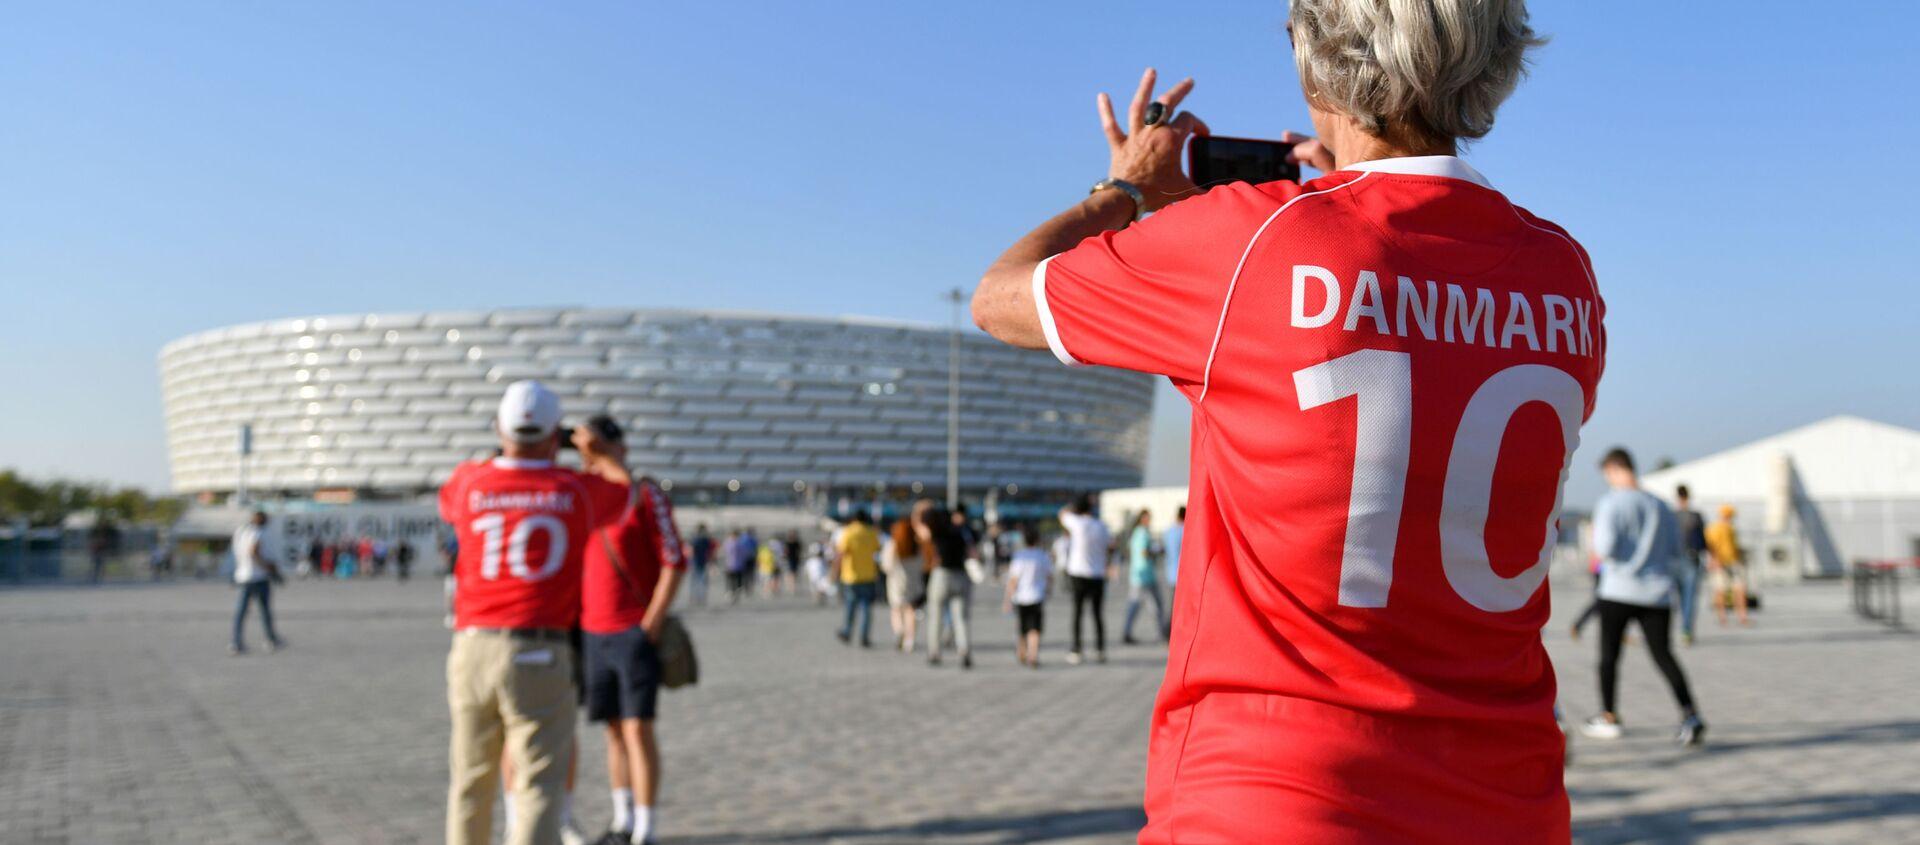 Болельщики сборной Дании возле стадиона ЕВРО-2020 в Баку - Sputnik Азербайджан, 1920, 12.07.2021